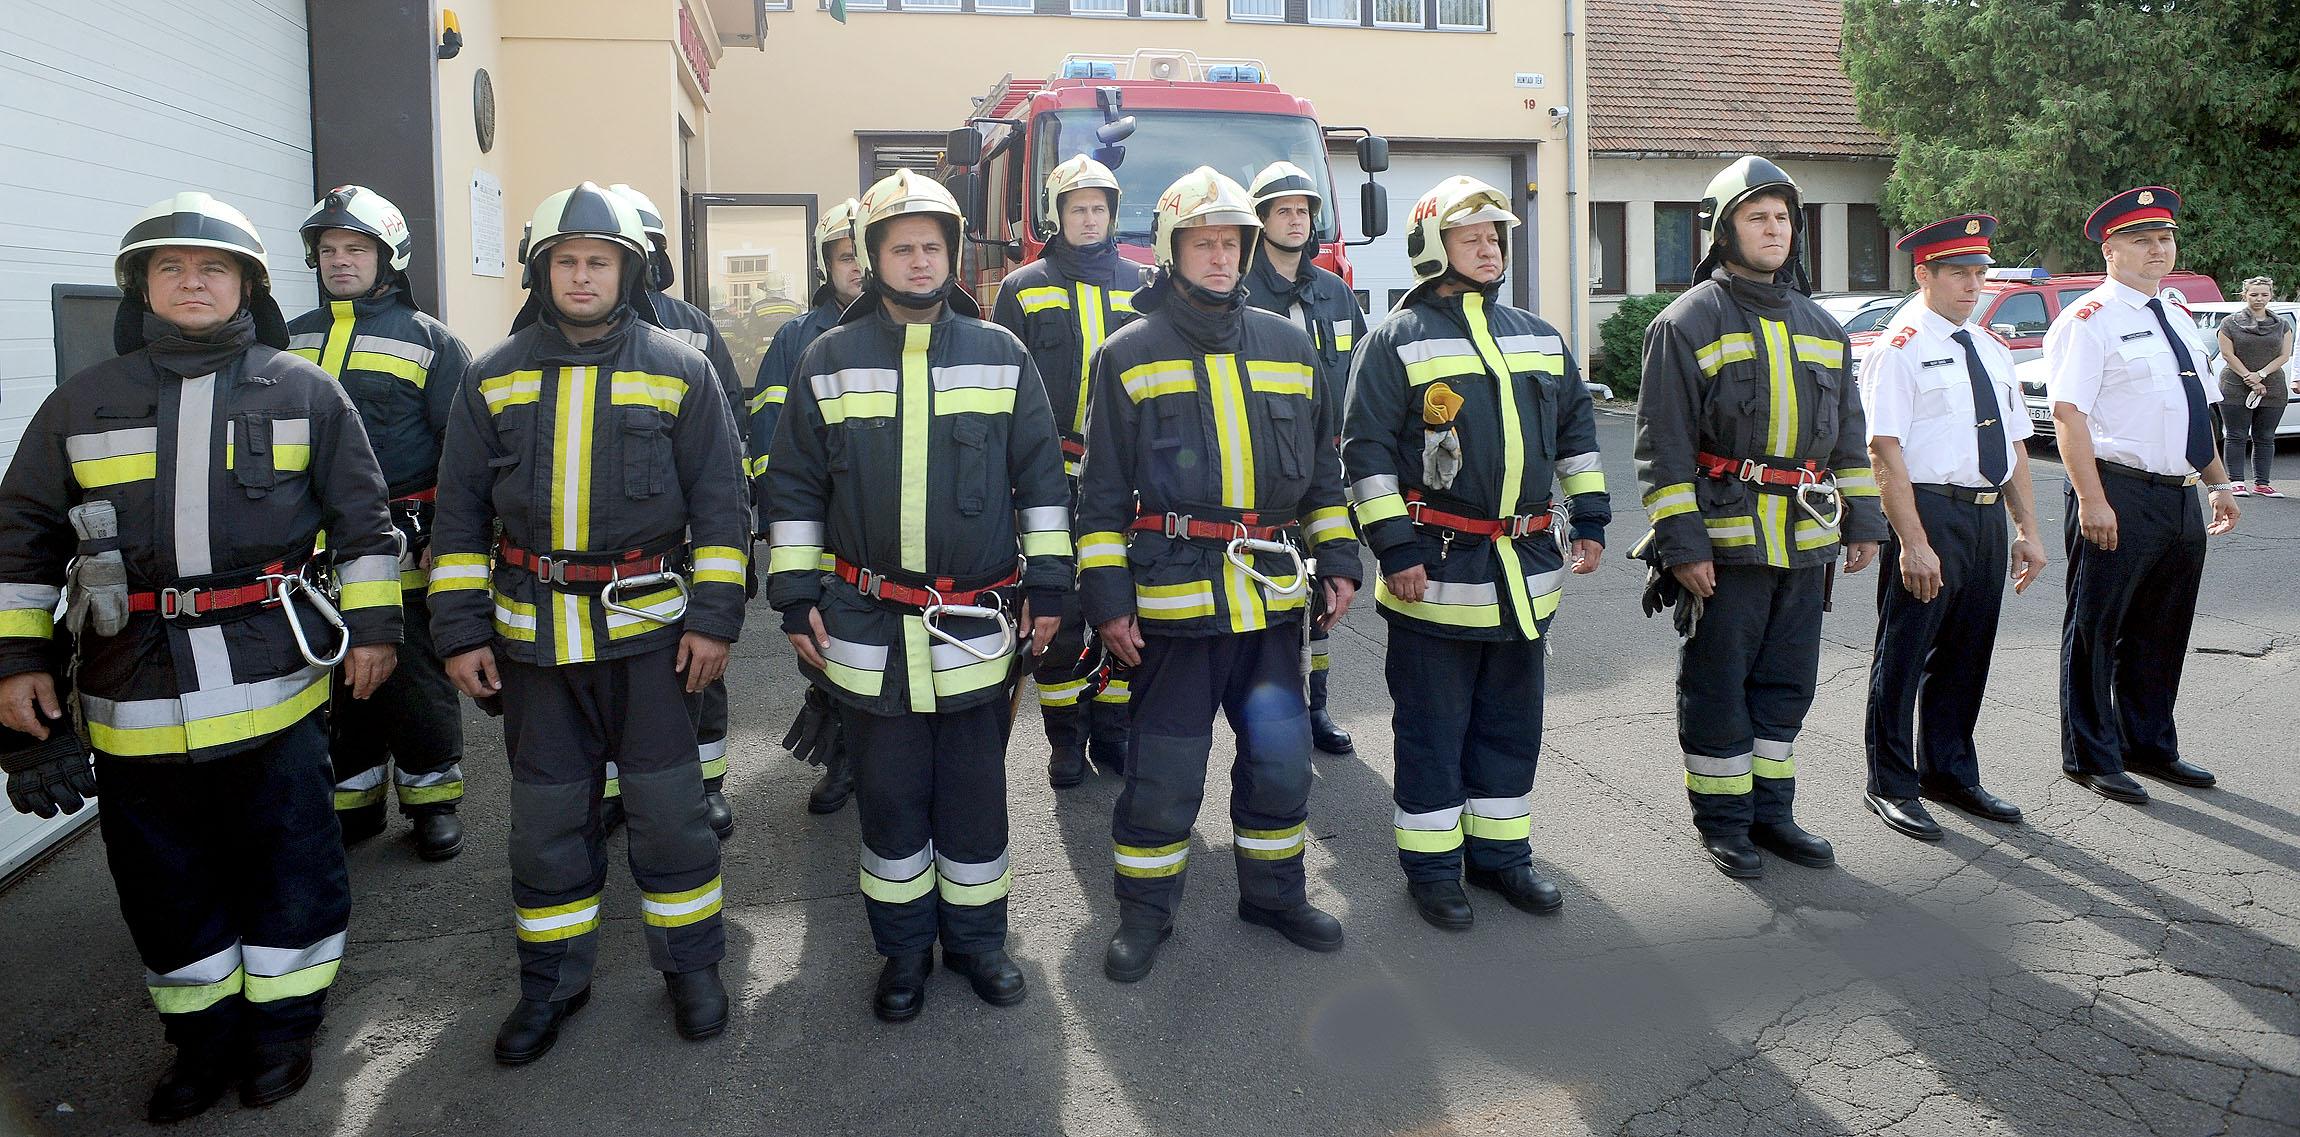 Hatvani tűzoltók vs. Fidesz sajtóosztály: ki nyerte a szeptember 11-i megemlékezésversenyt?